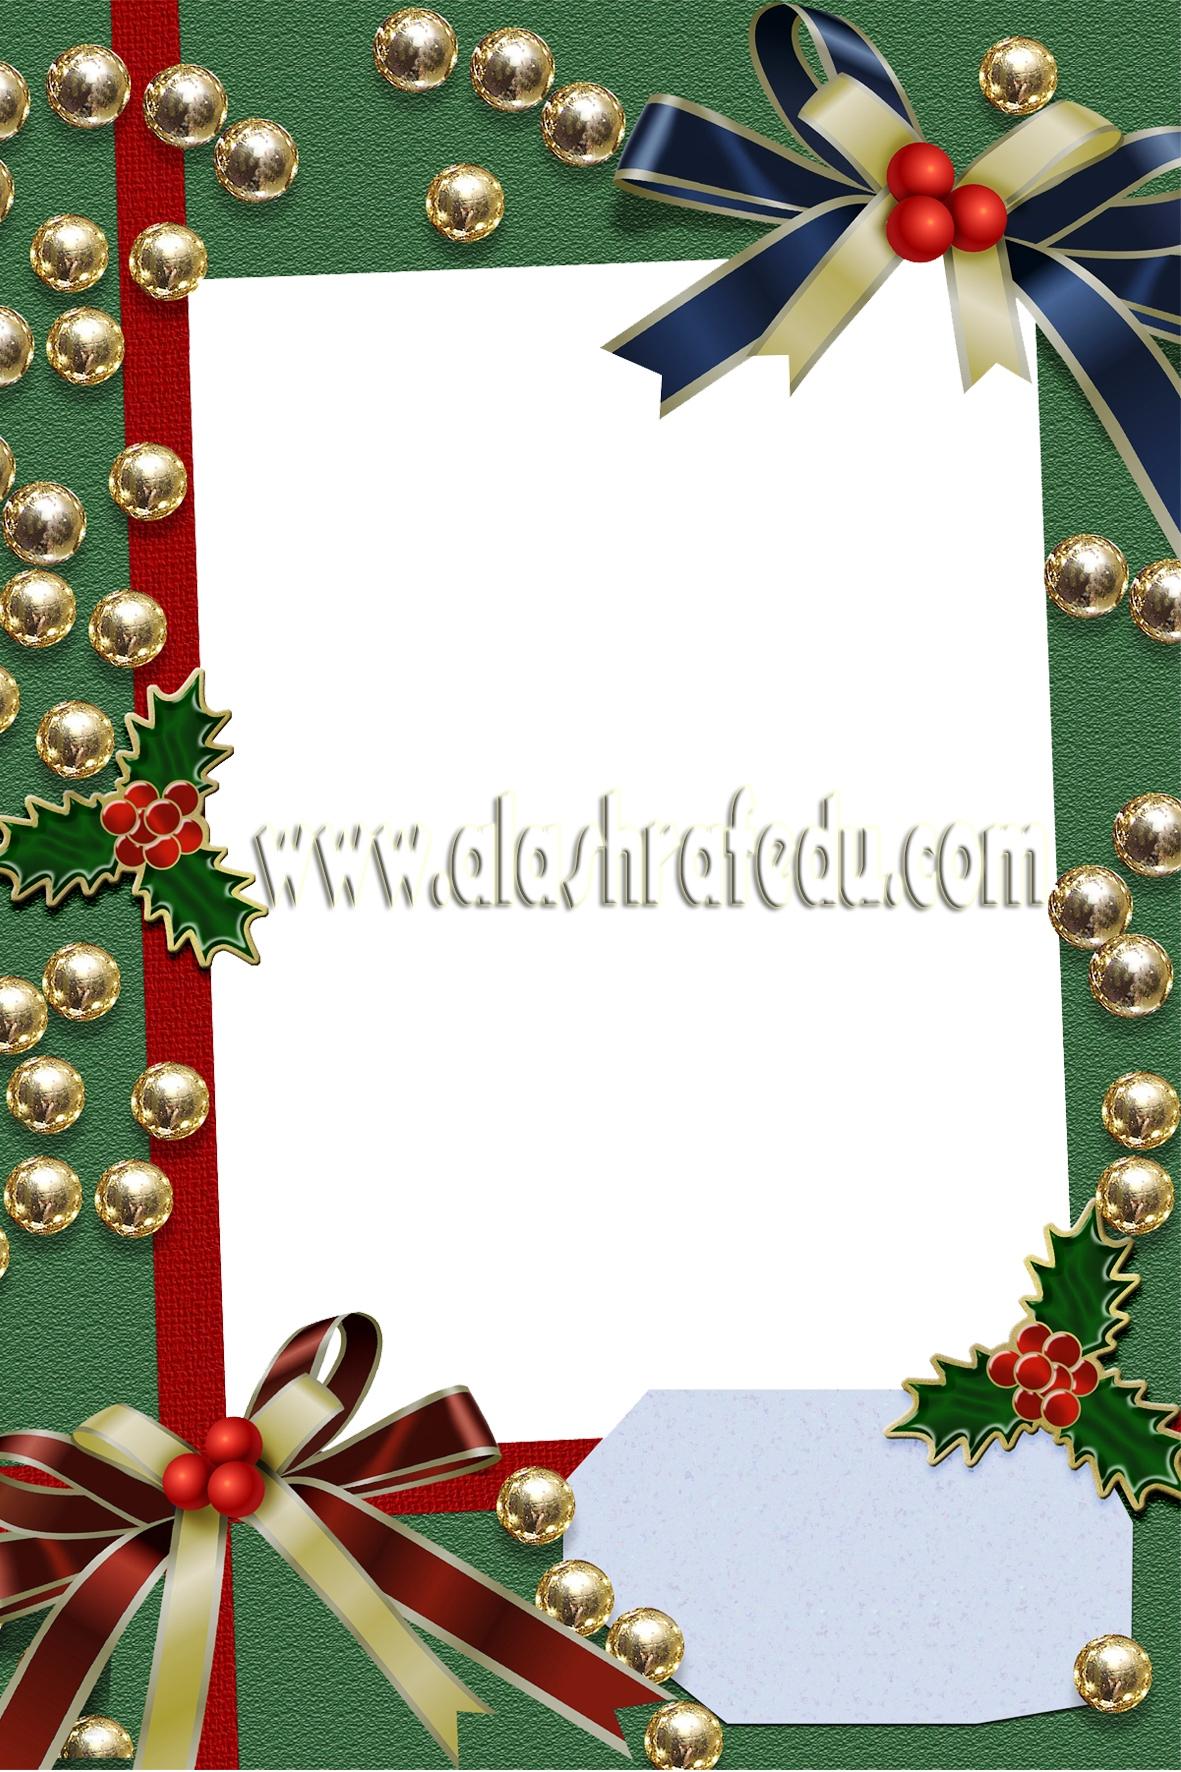 Christmas Green Transparent Frame 2018 www.alashrafedu.com1